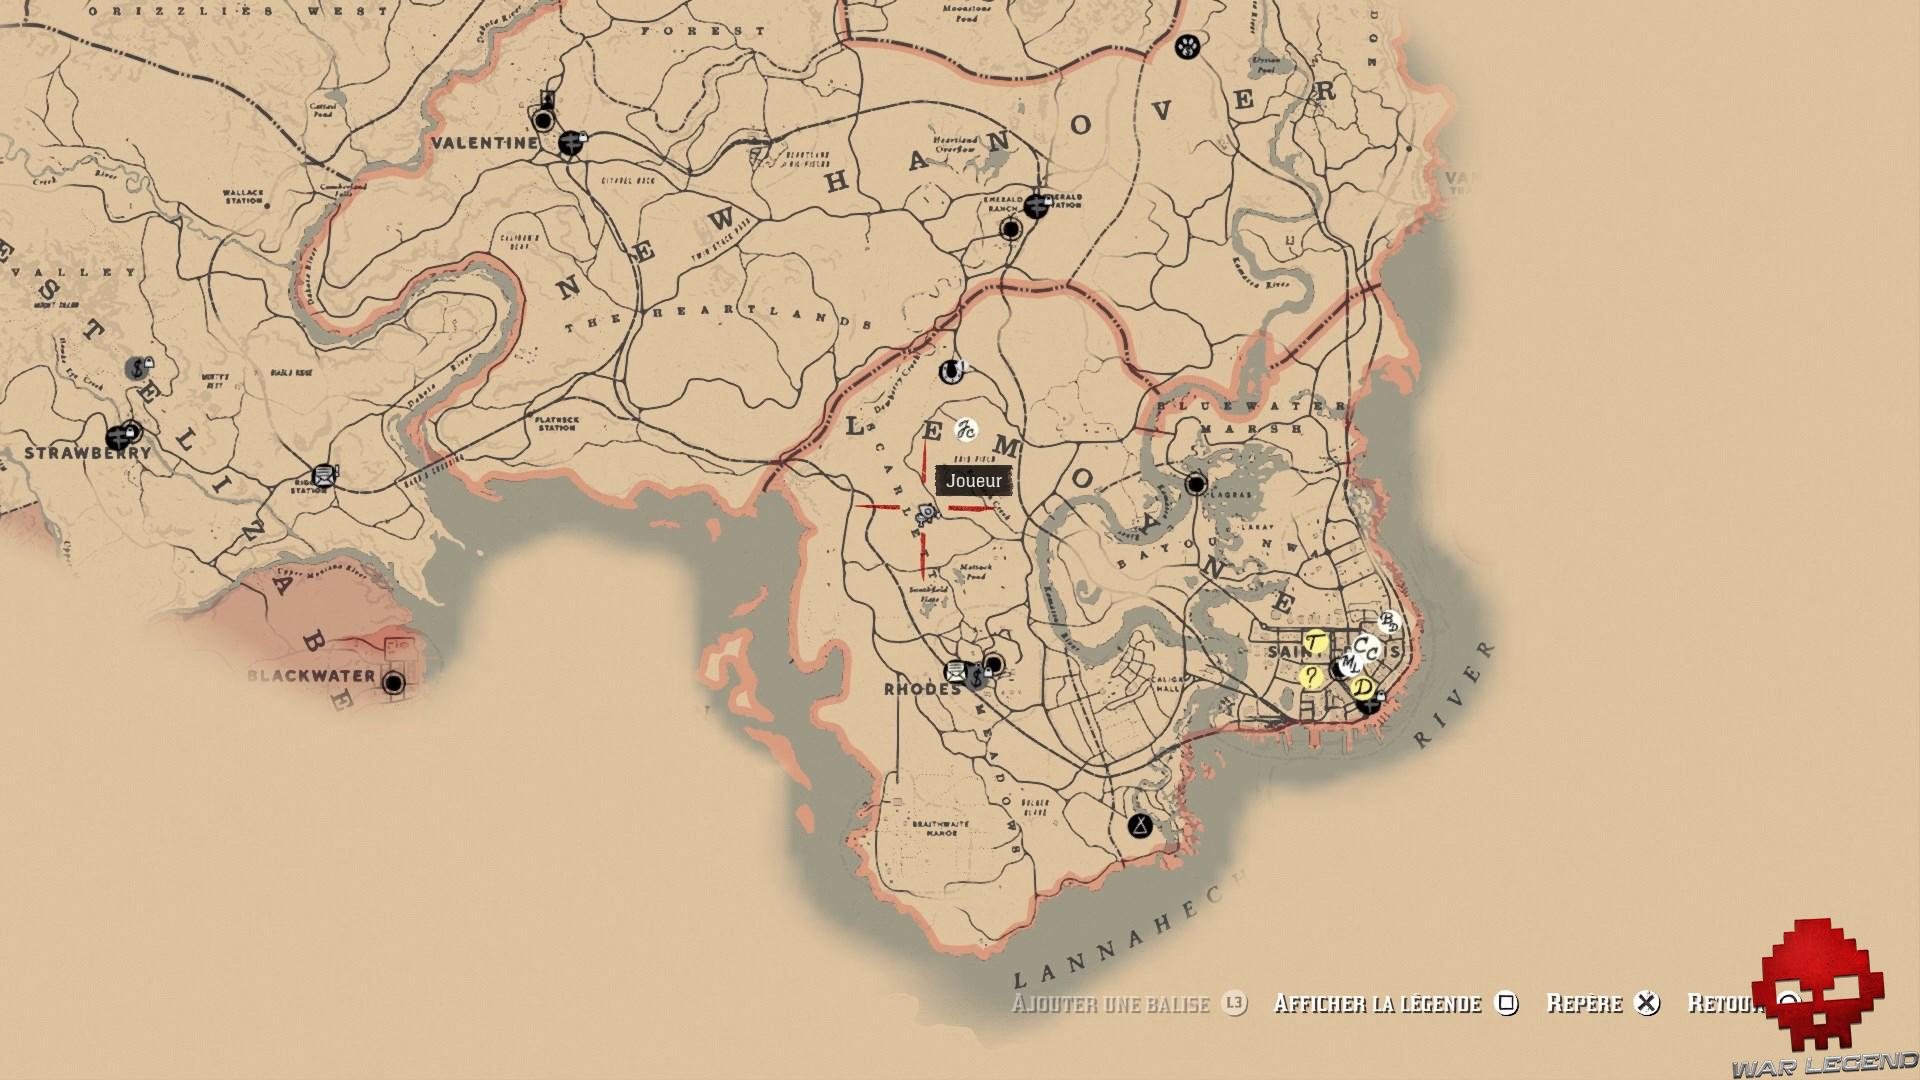 Carte Au Tresor De La Piste Empoisonnee.Soluce Red Dead Redemption 2 Le Tresor De La Piste Empoisonnee